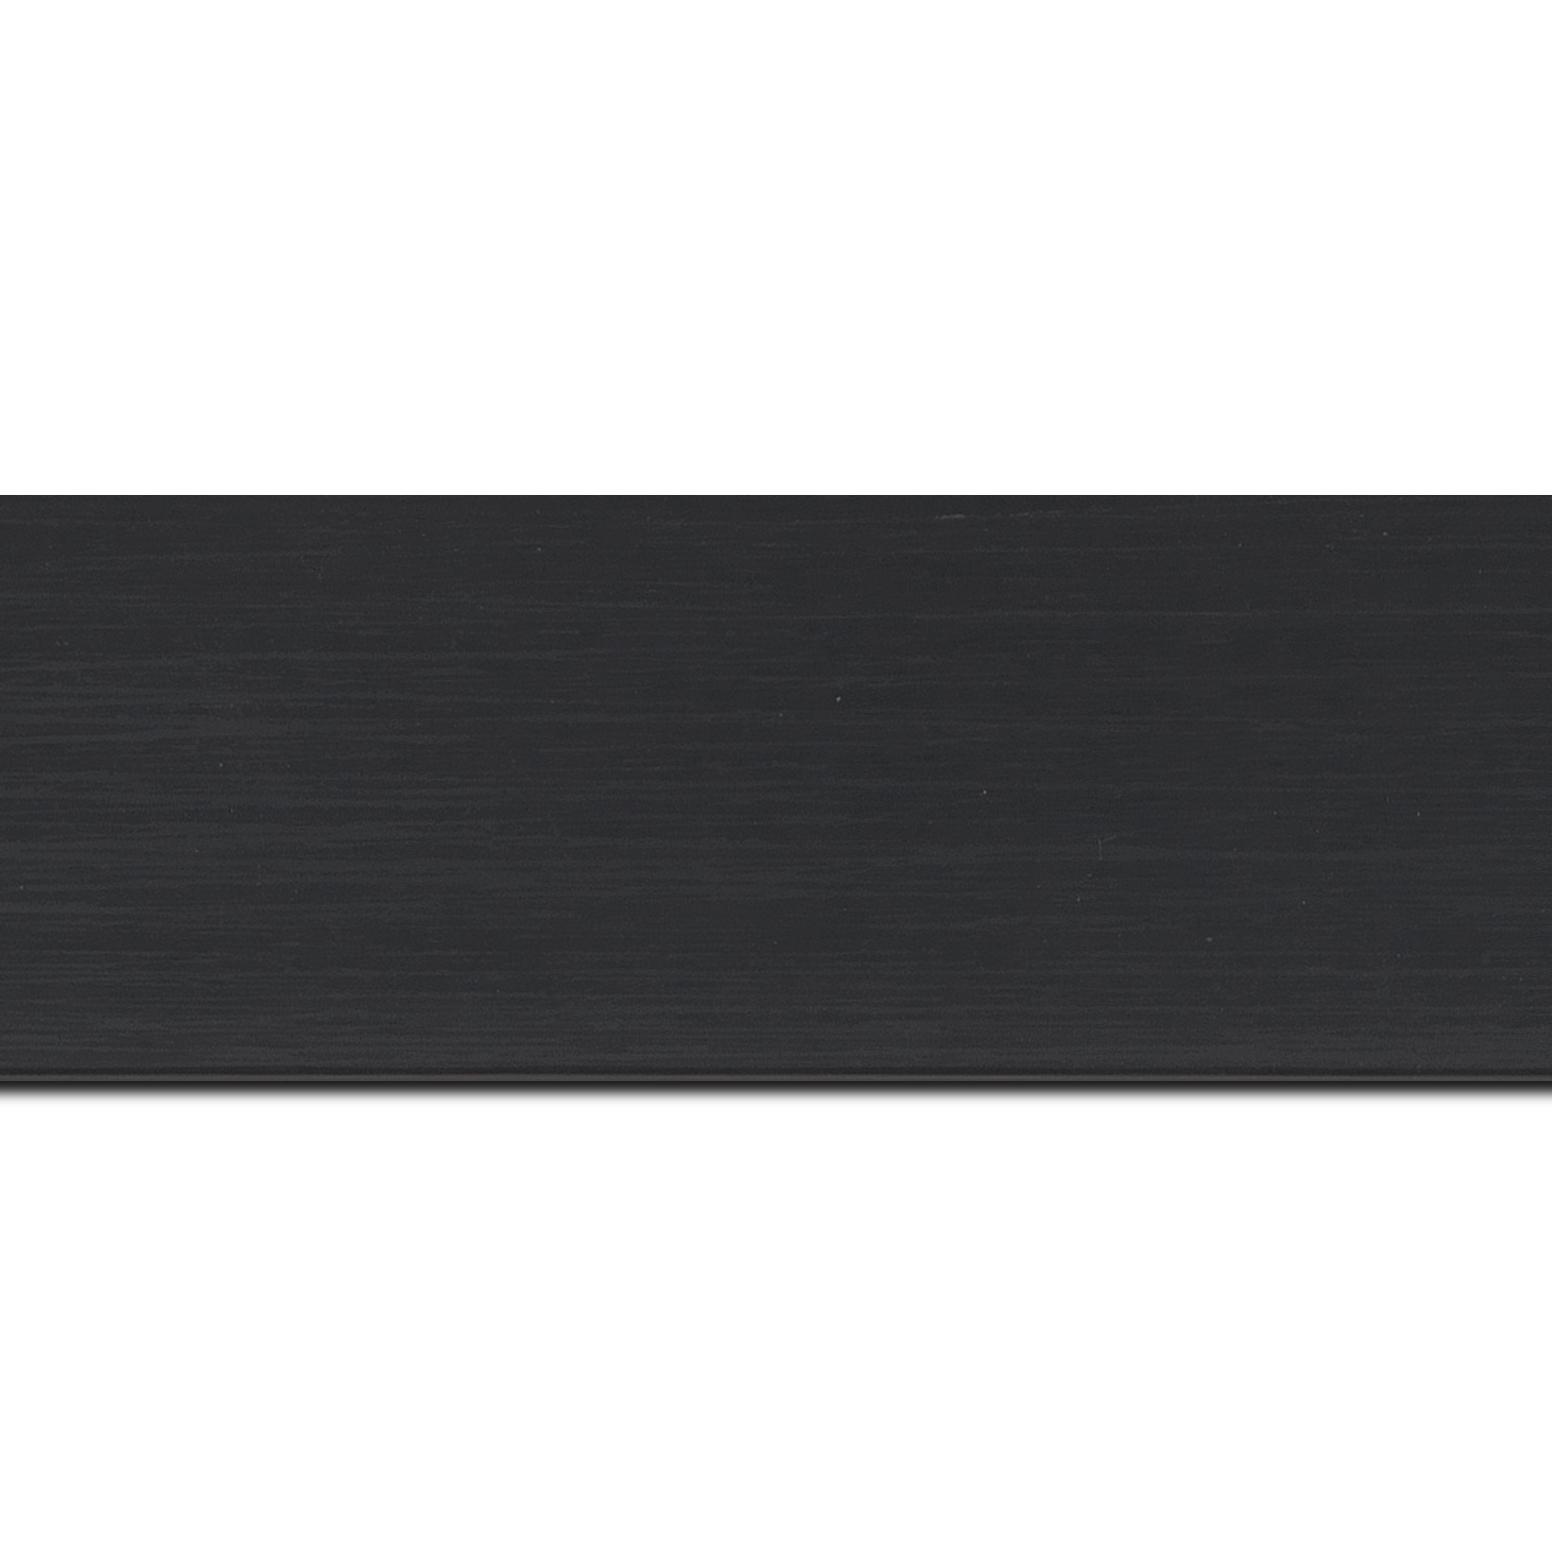 Baguette longueur 1.40m bois profil plat largeur 6cm noir satiné effet veiné